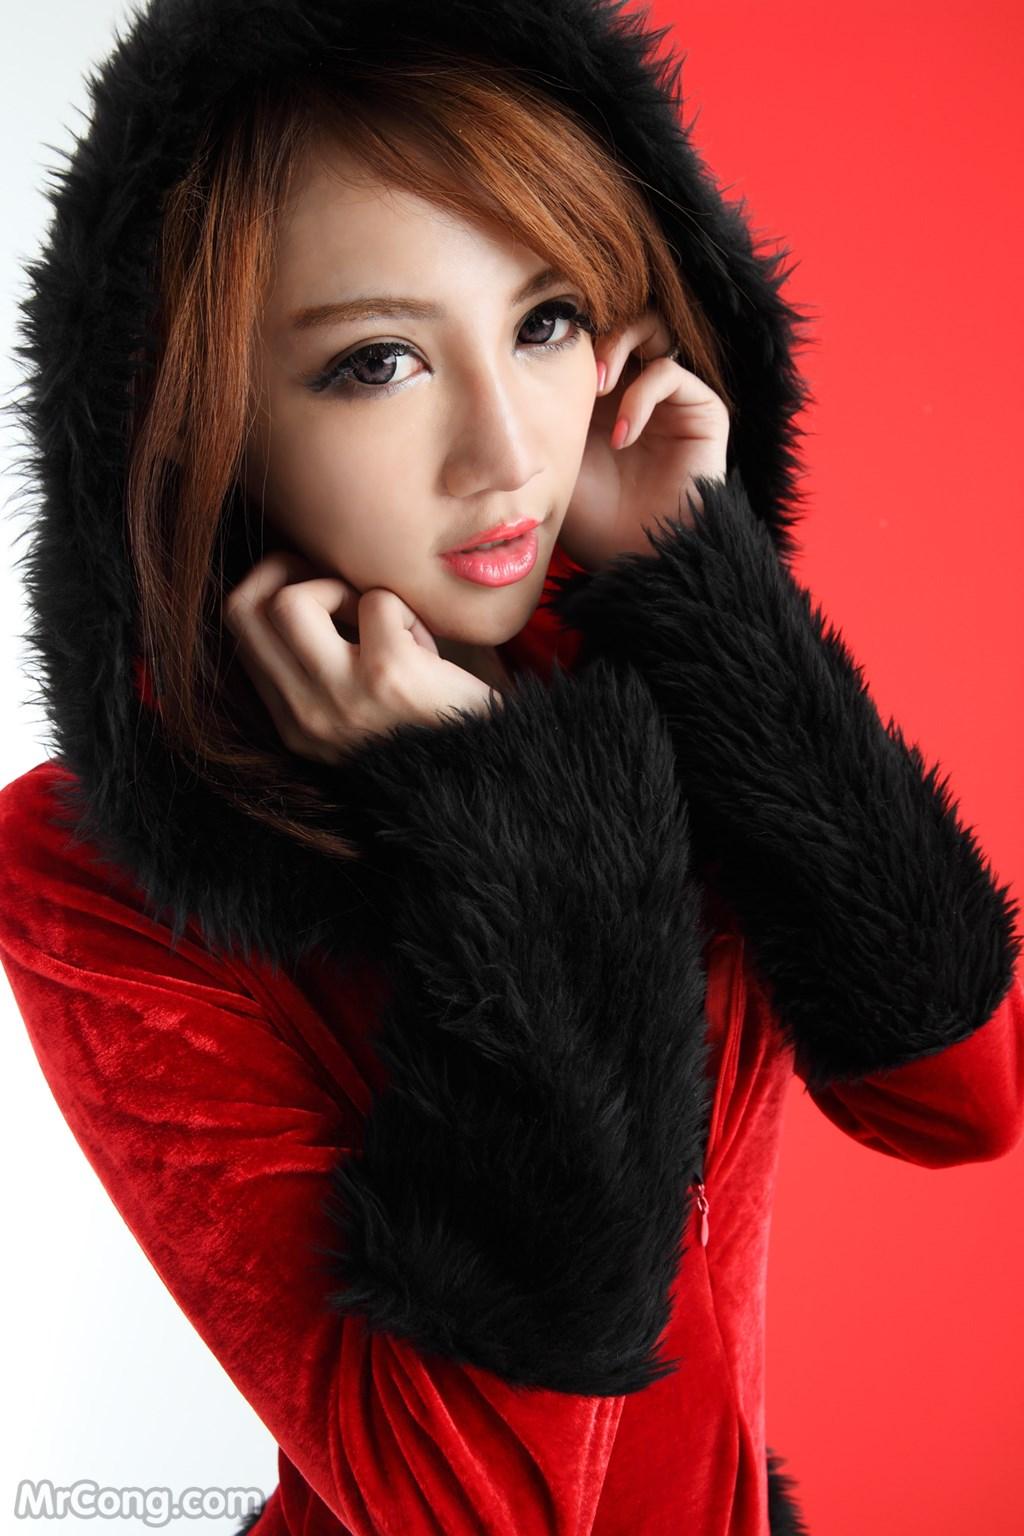 Image Girl-xinh-Dai-Loan-by-Joseph-Huang-Phan-1-MrCong.com-0036 in post Các cô gái Đài Loan qua góc chụp của Joseph Huang (黃阿文) - Phần 1 (1480 ảnh)